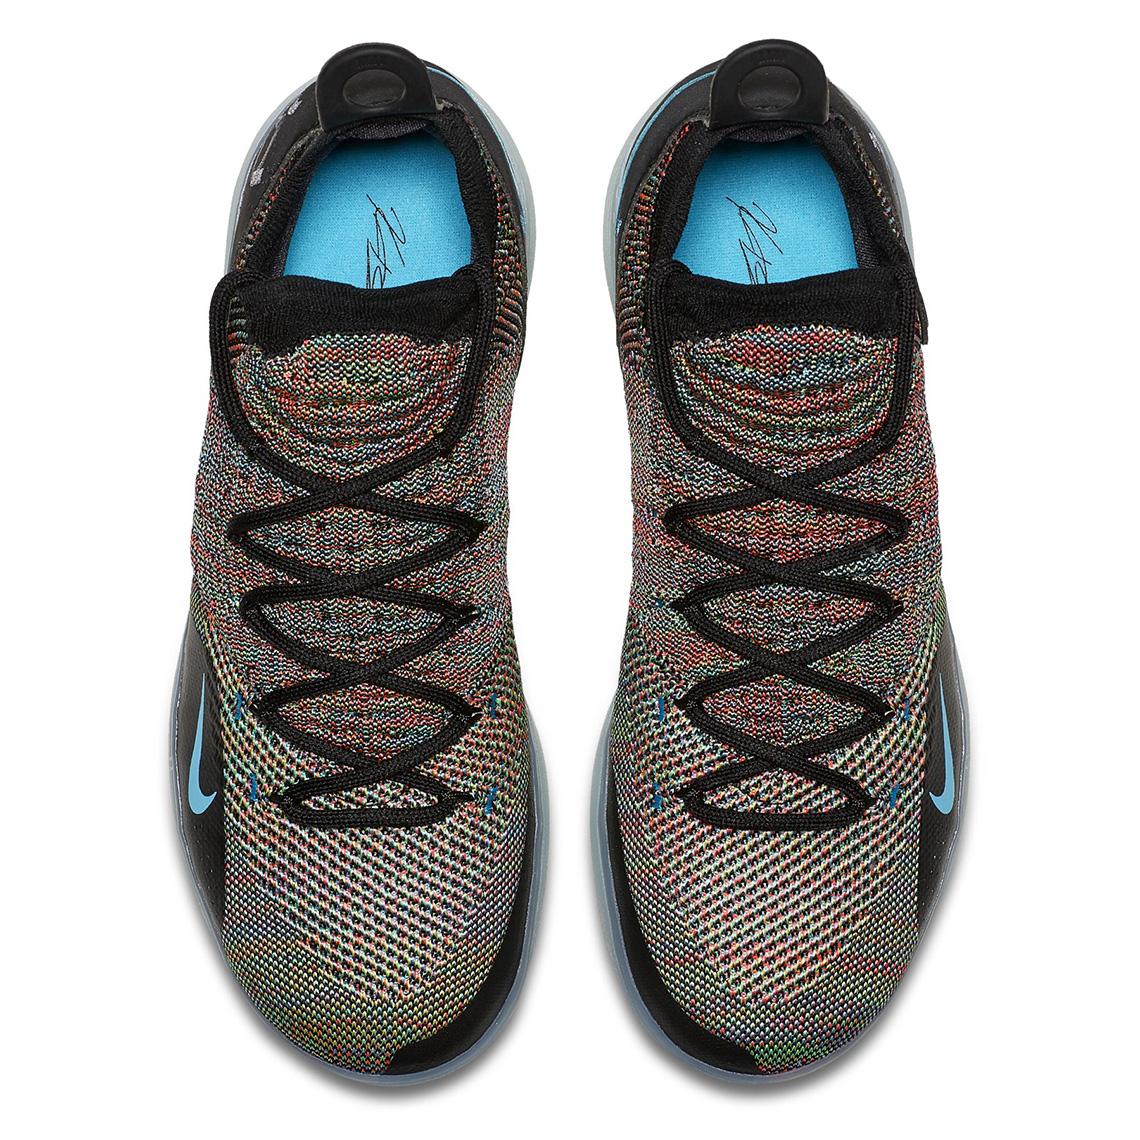 Nike KD 11 Multi-Color Flyknit